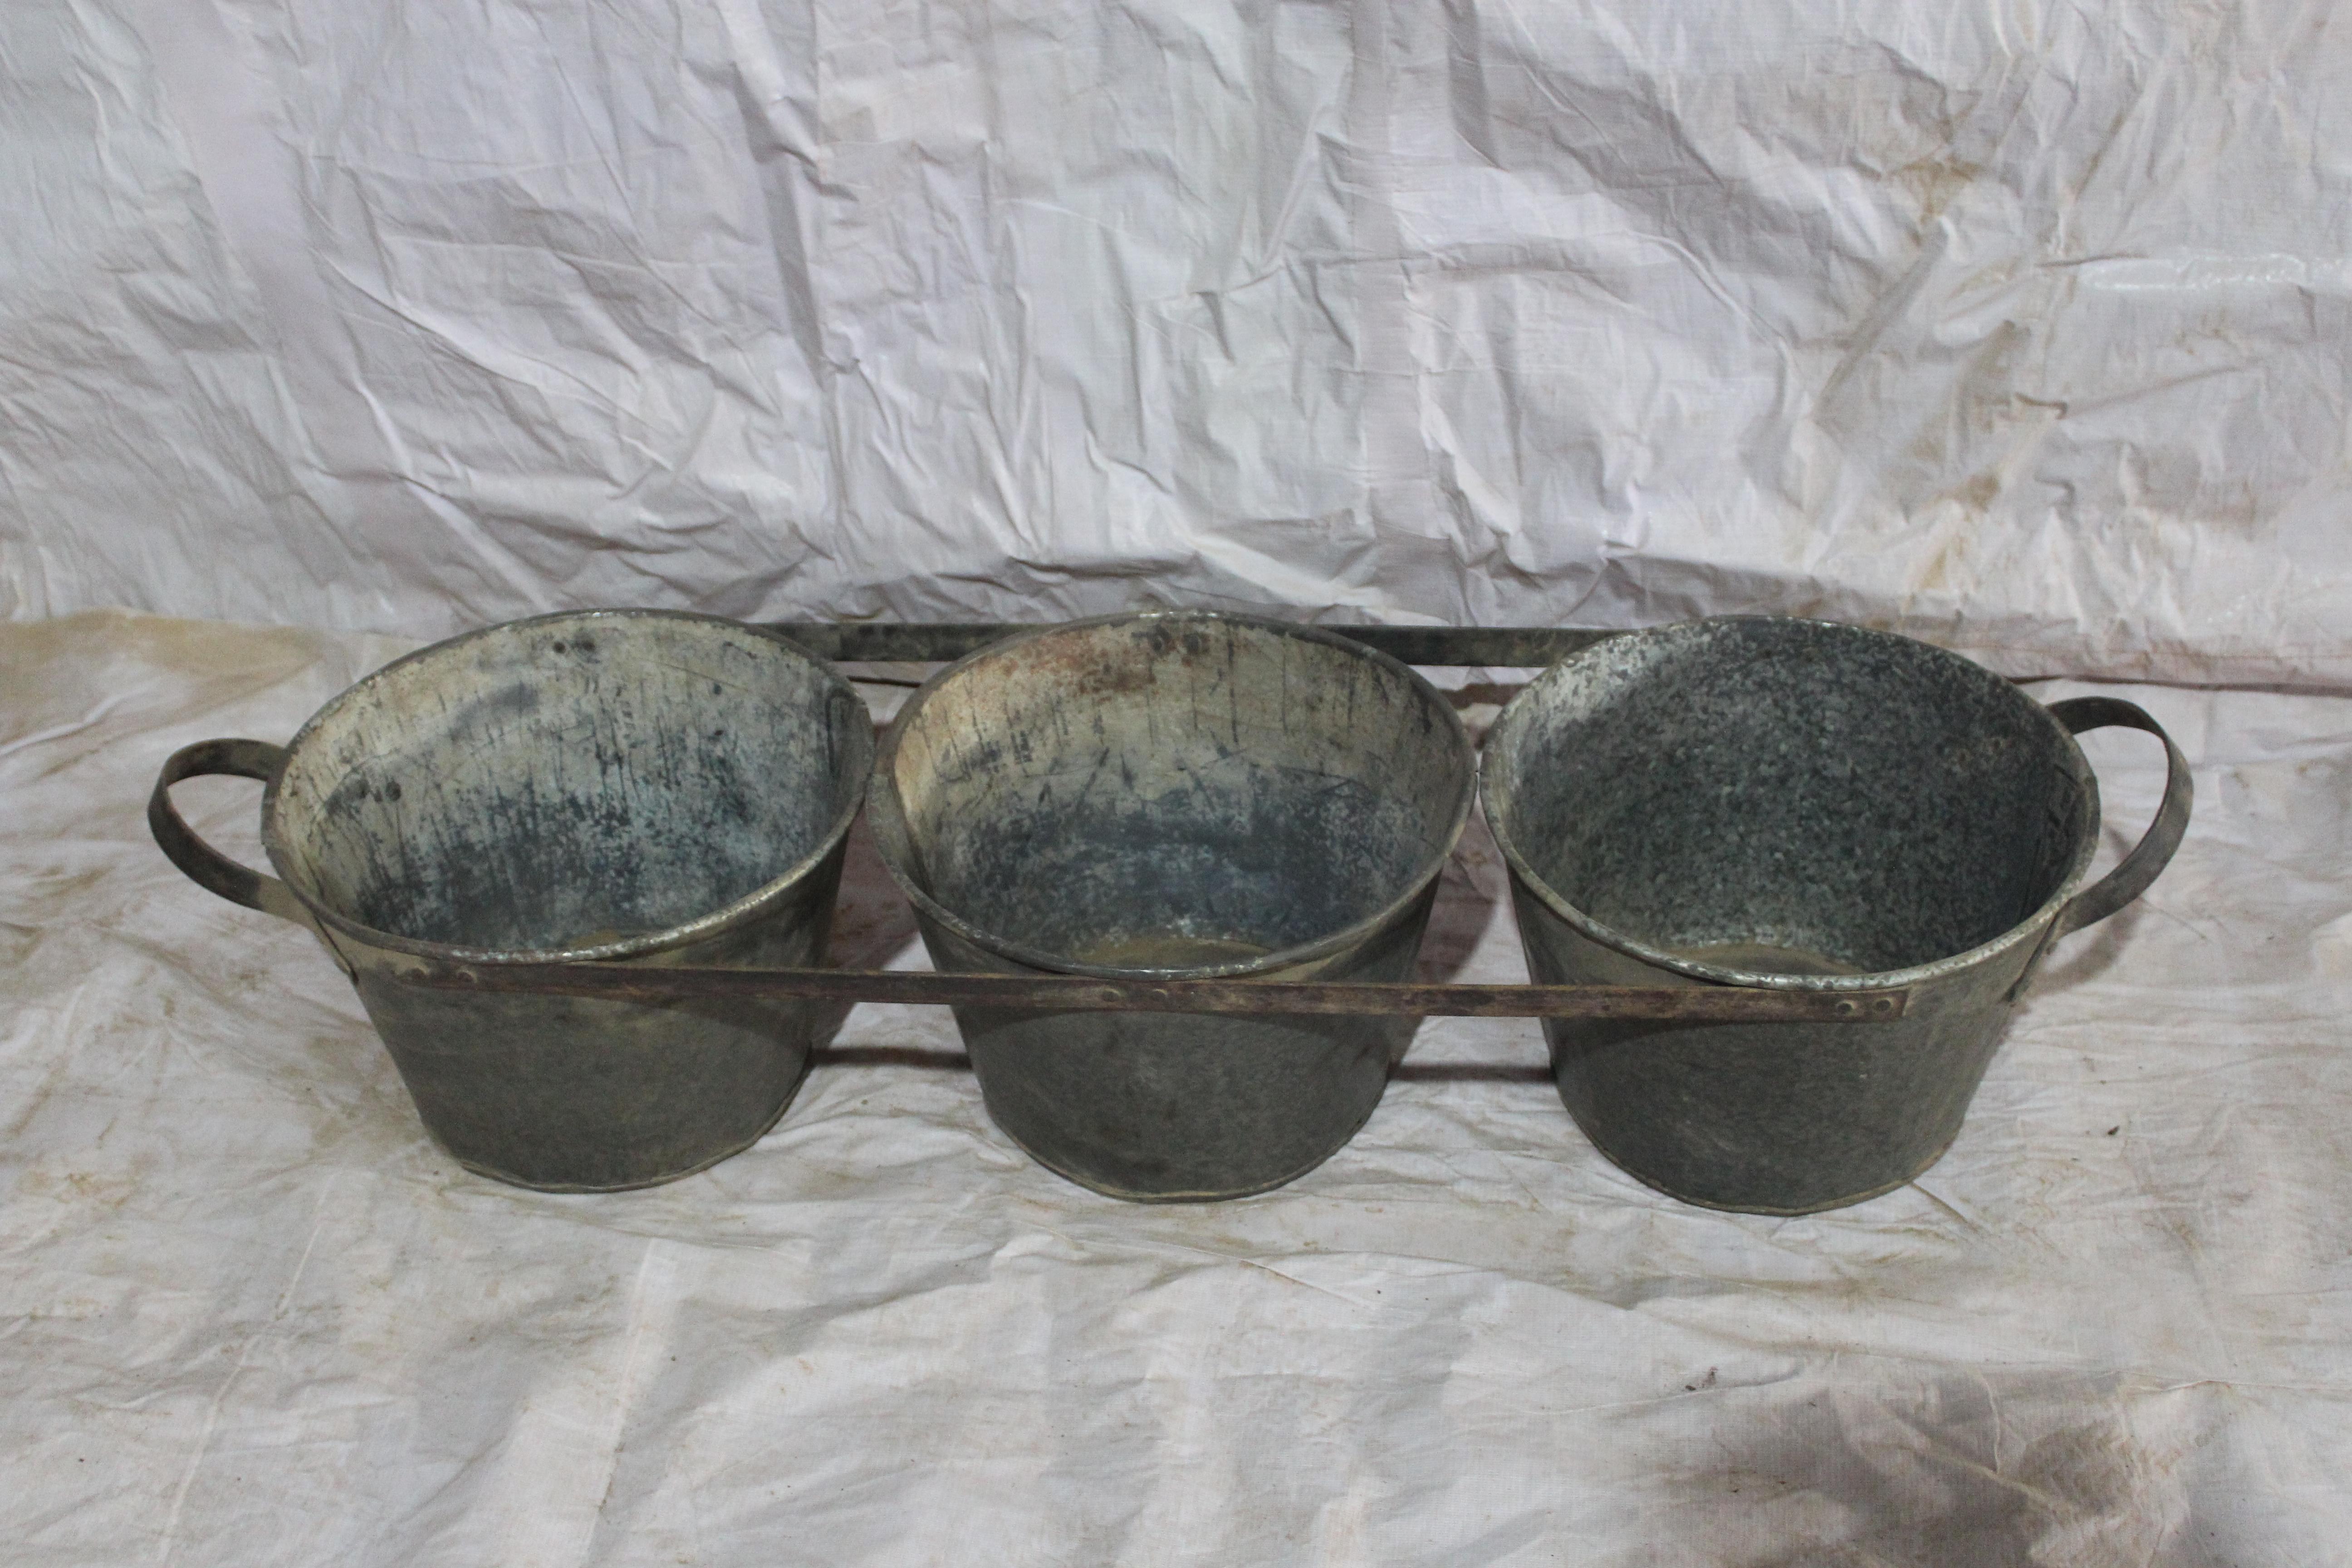 Iron pot planter set of 3